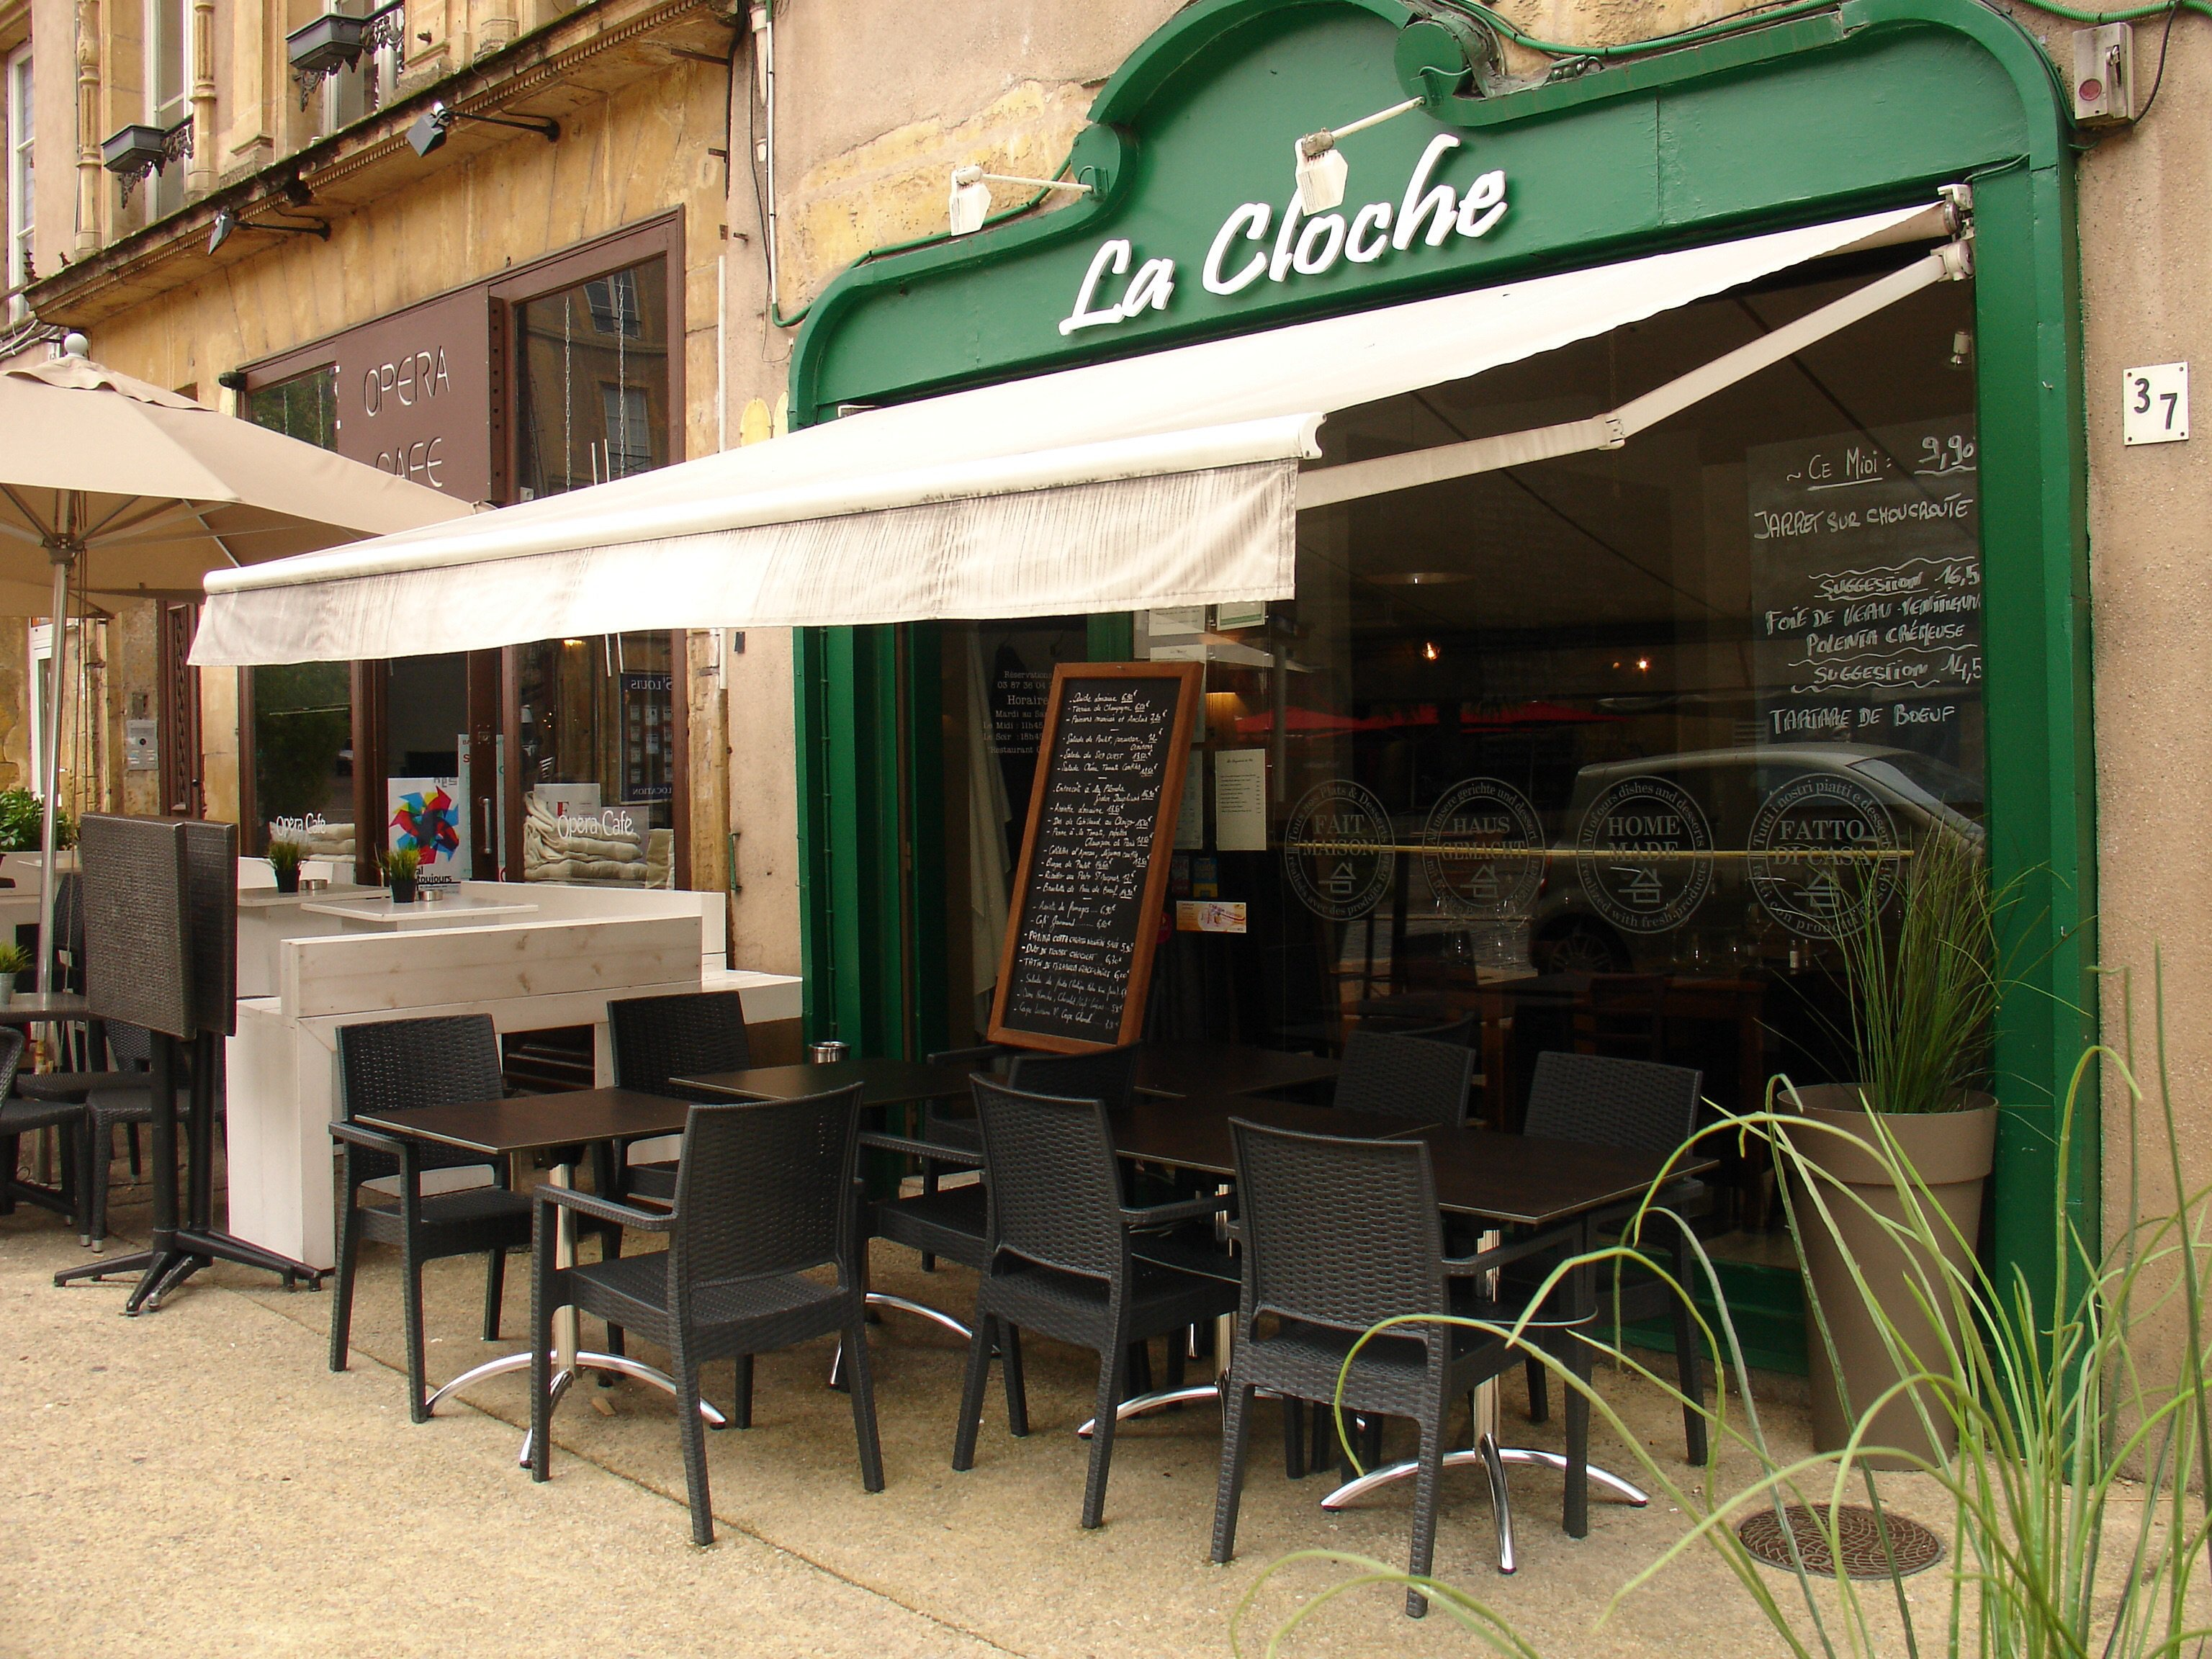 La cloche restaurant traditionnelle metz 57000 for Maison du luxembourg restaurant